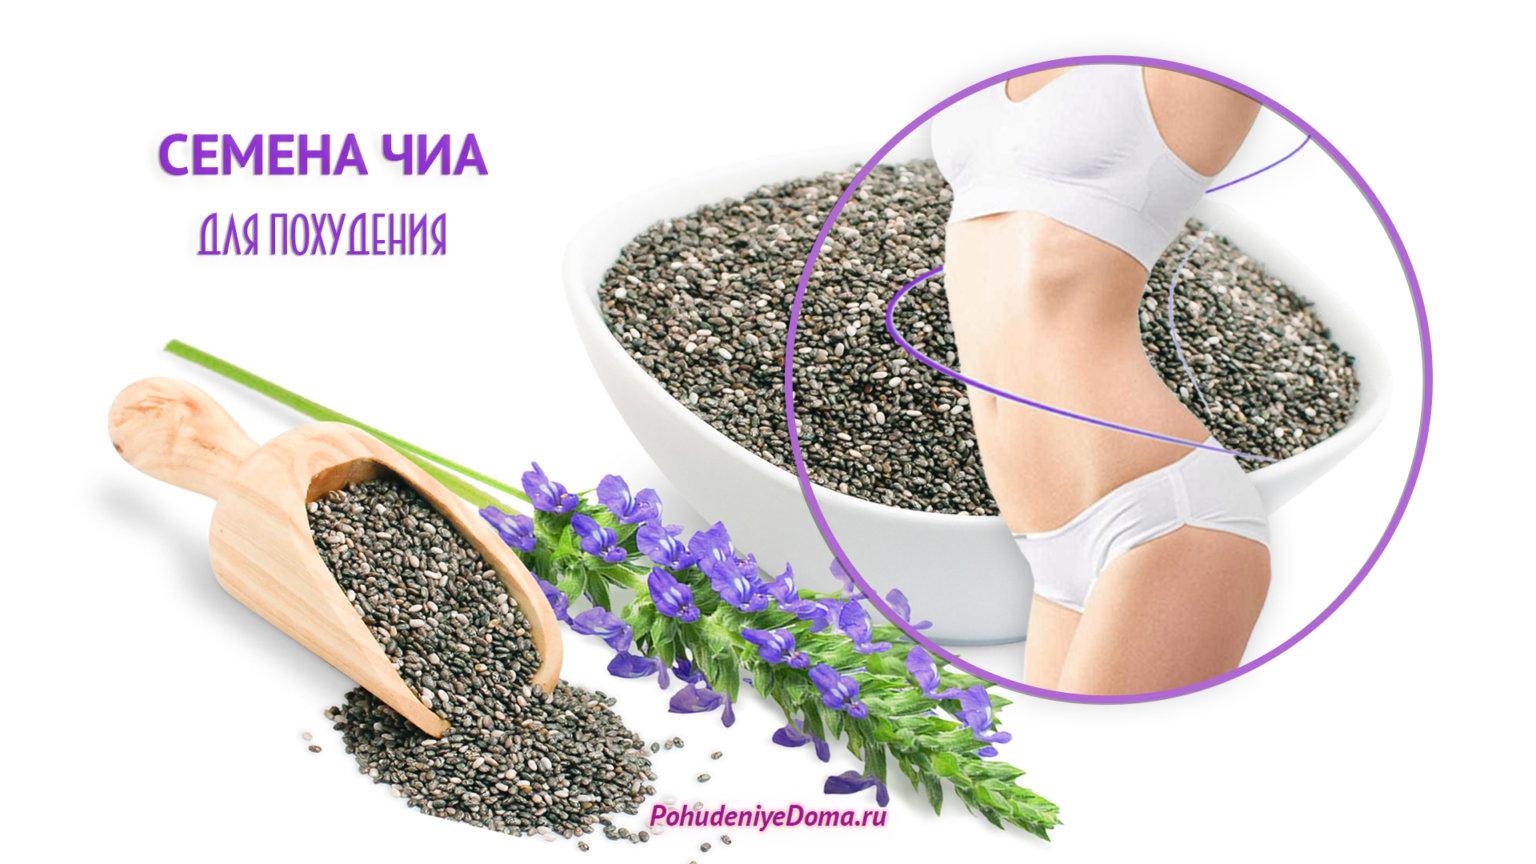 семена чиа для похудения где купить